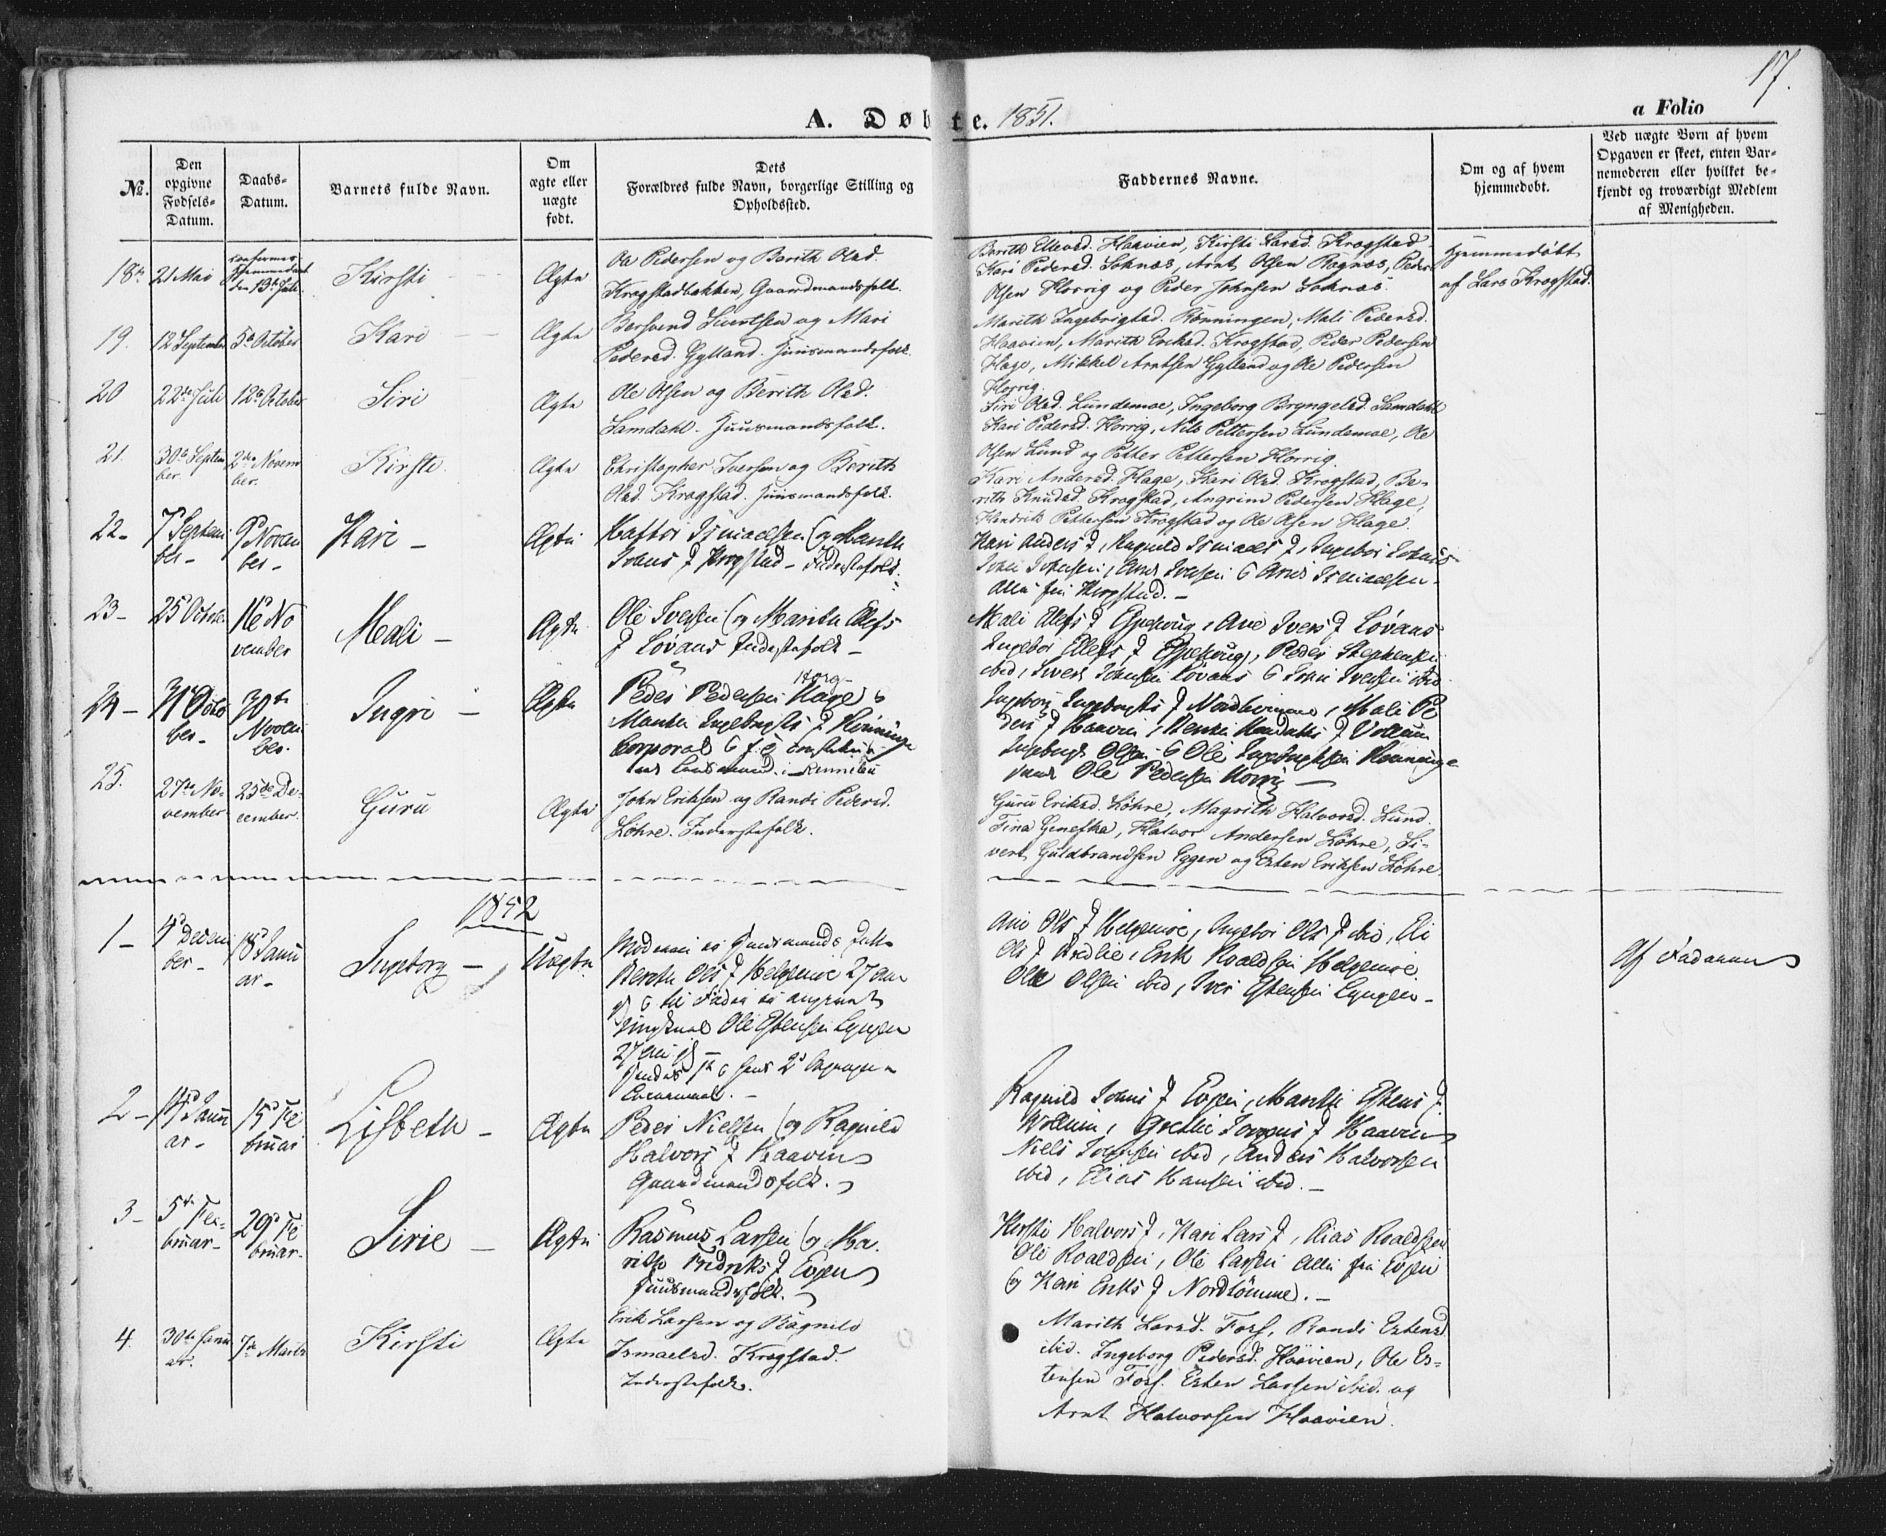 SAT, Ministerialprotokoller, klokkerbøker og fødselsregistre - Sør-Trøndelag, 692/L1103: Ministerialbok nr. 692A03, 1849-1870, s. 17